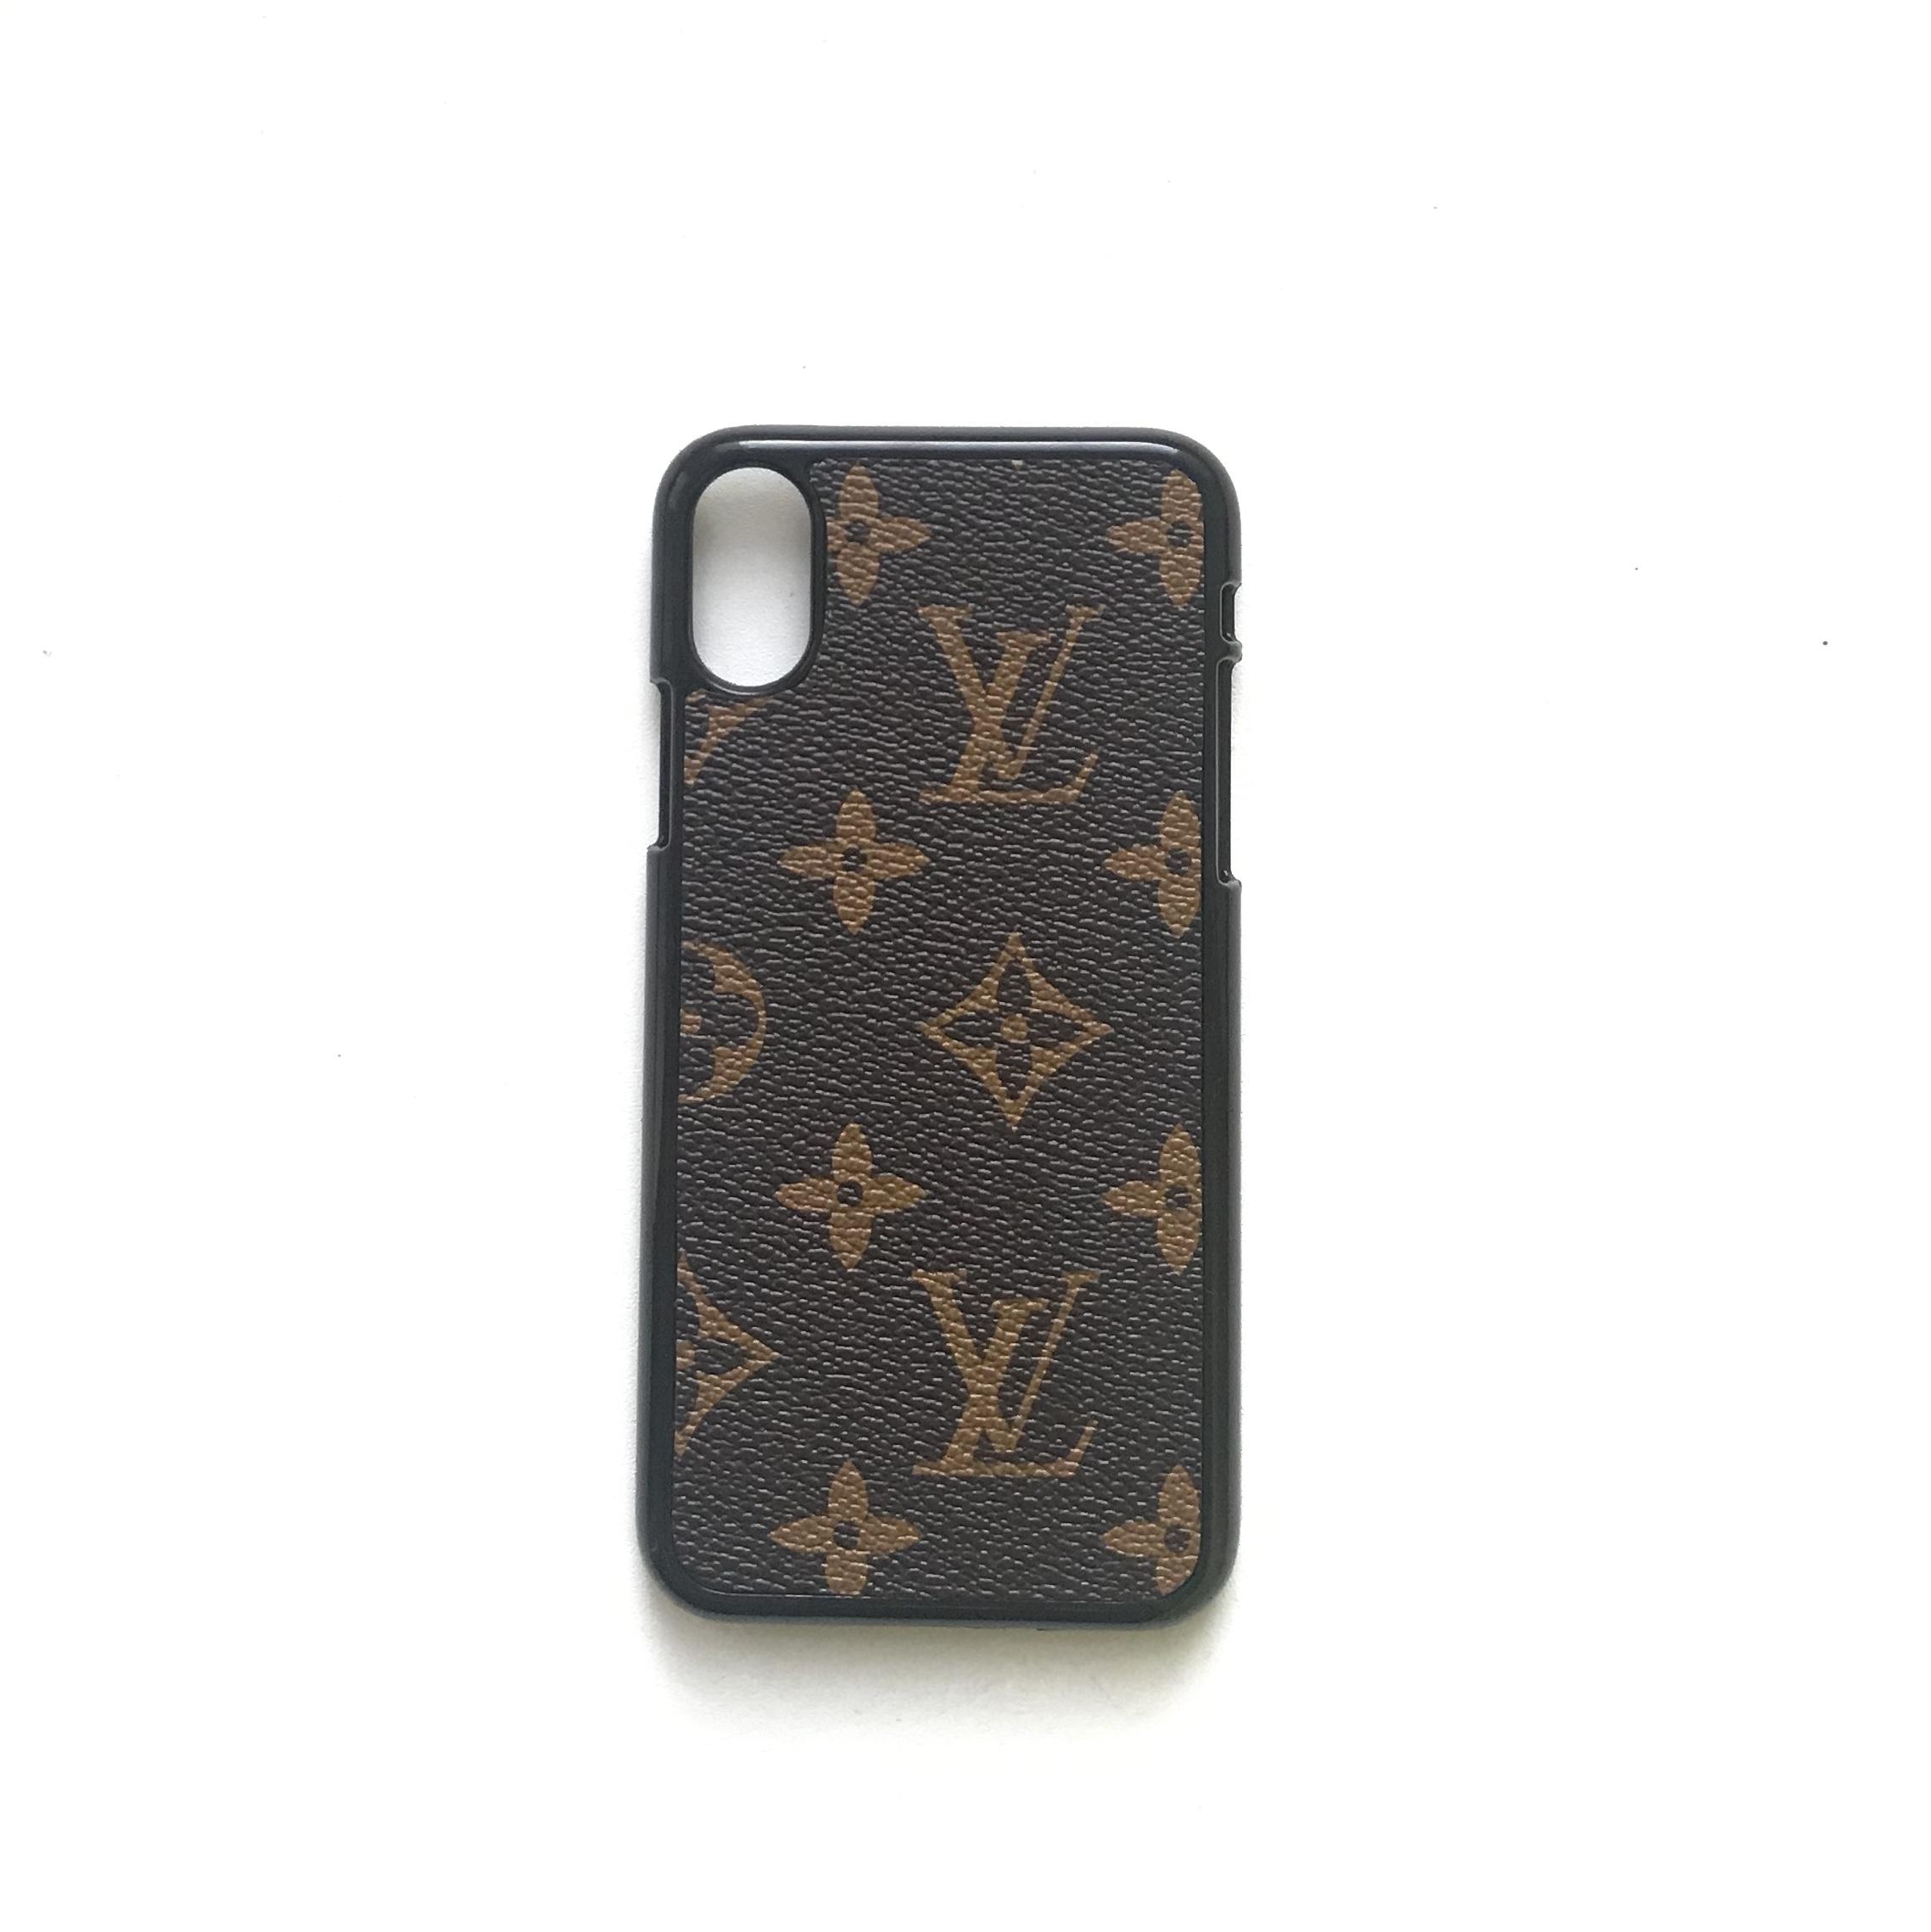 new concept b64c1 894d2 Custom Louis Vuitton iPhone X/7/8/8 Plus/XR/XS/XS MAX Case